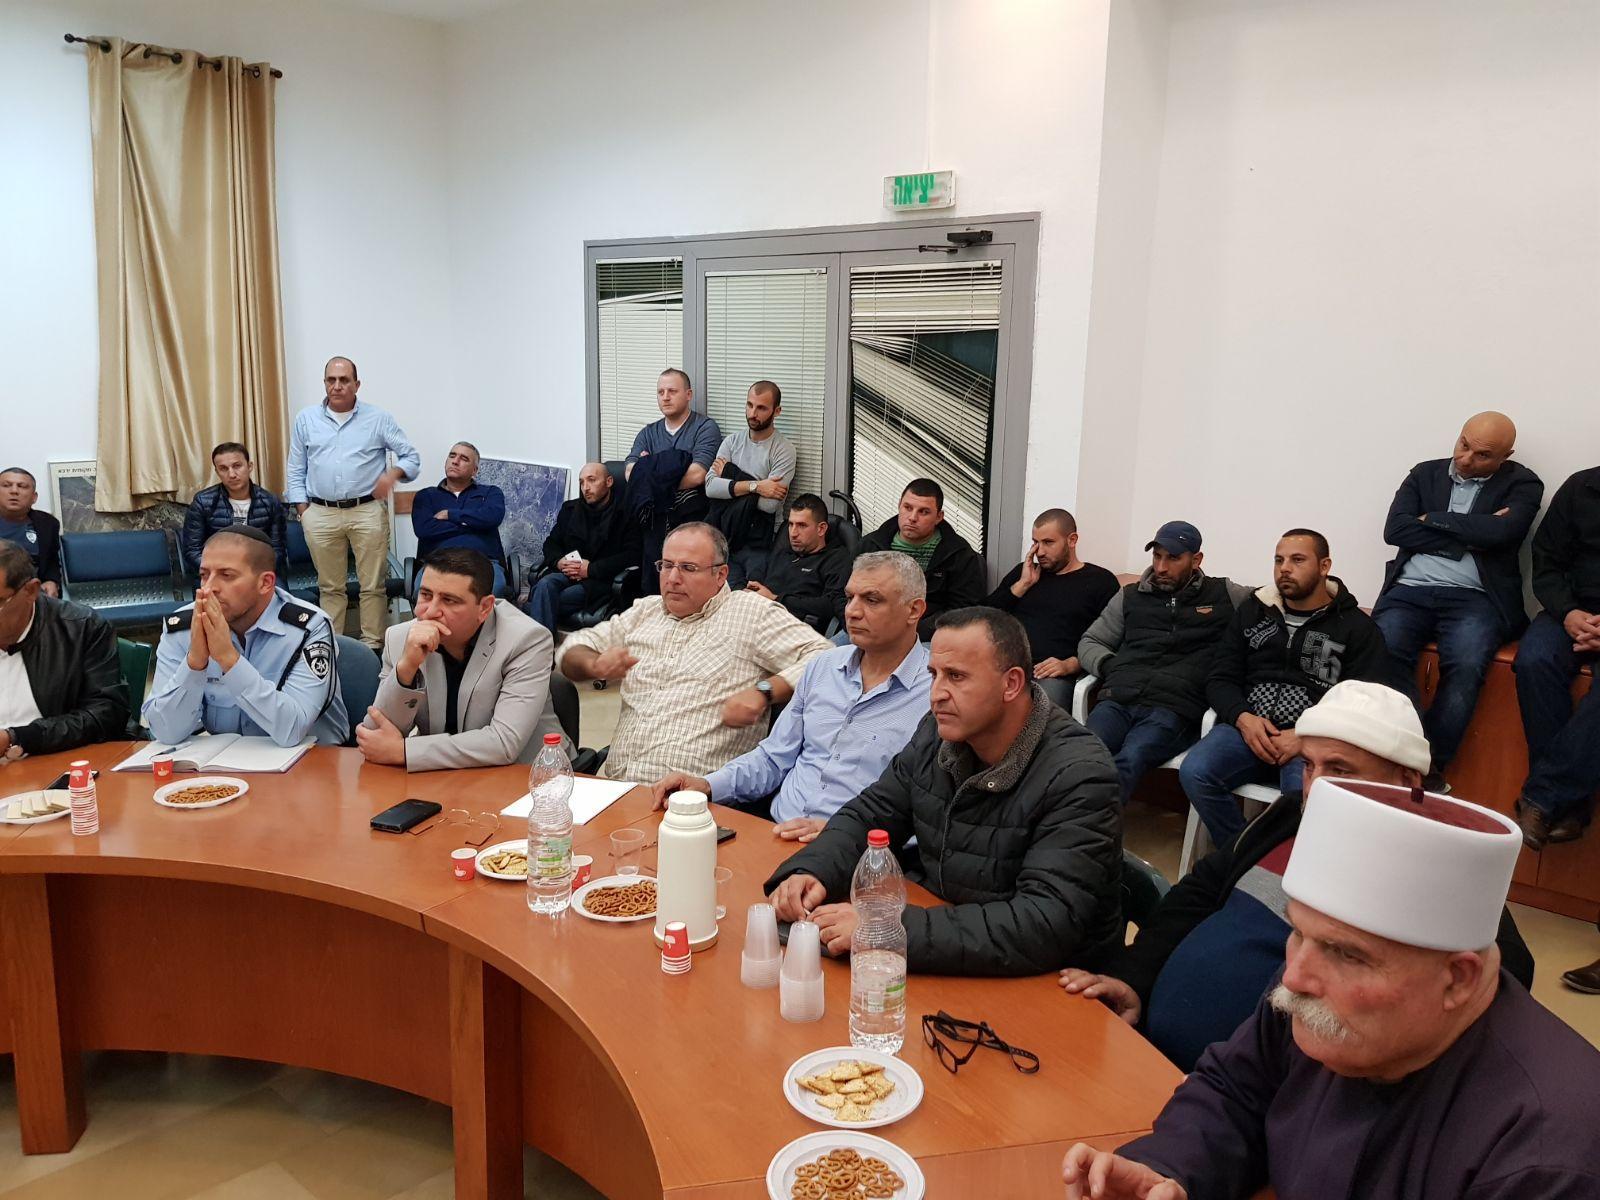 بعد تفجير سيارة يارا أبو عبلة: من يعيد الأمن والأمان ليركا؟